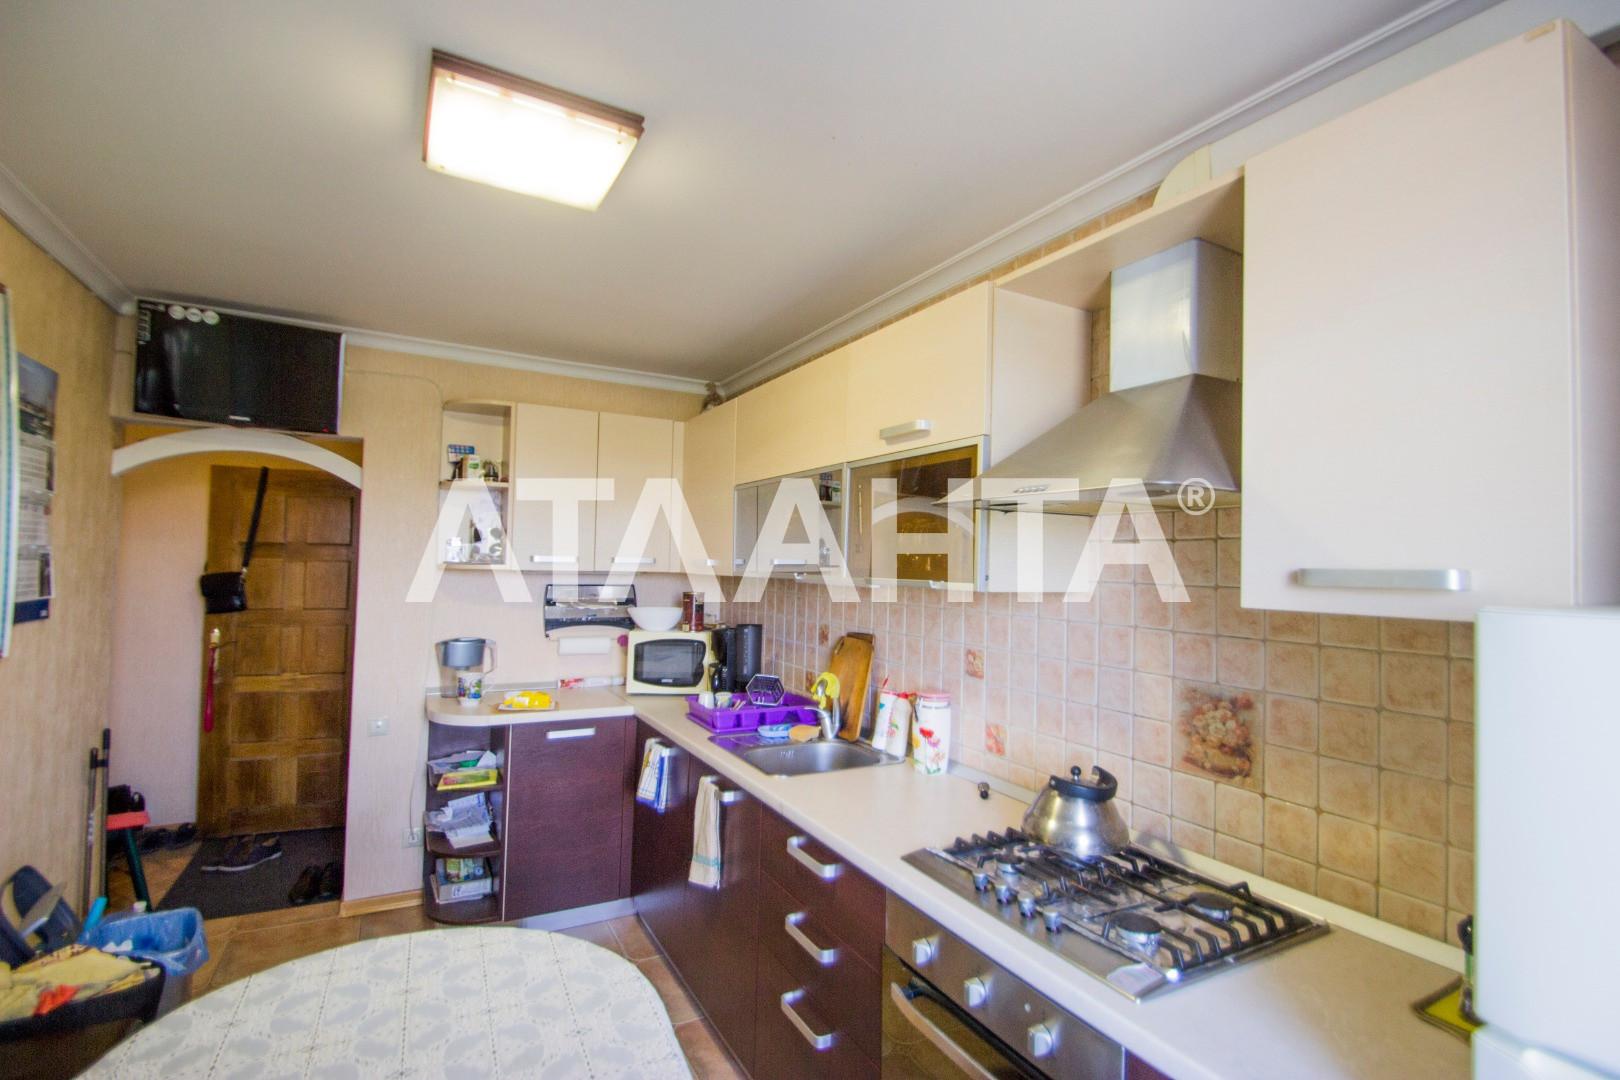 Продается 3-комнатная Квартира на ул. Центральный Аэропорт — 75 000 у.е. (фото №9)